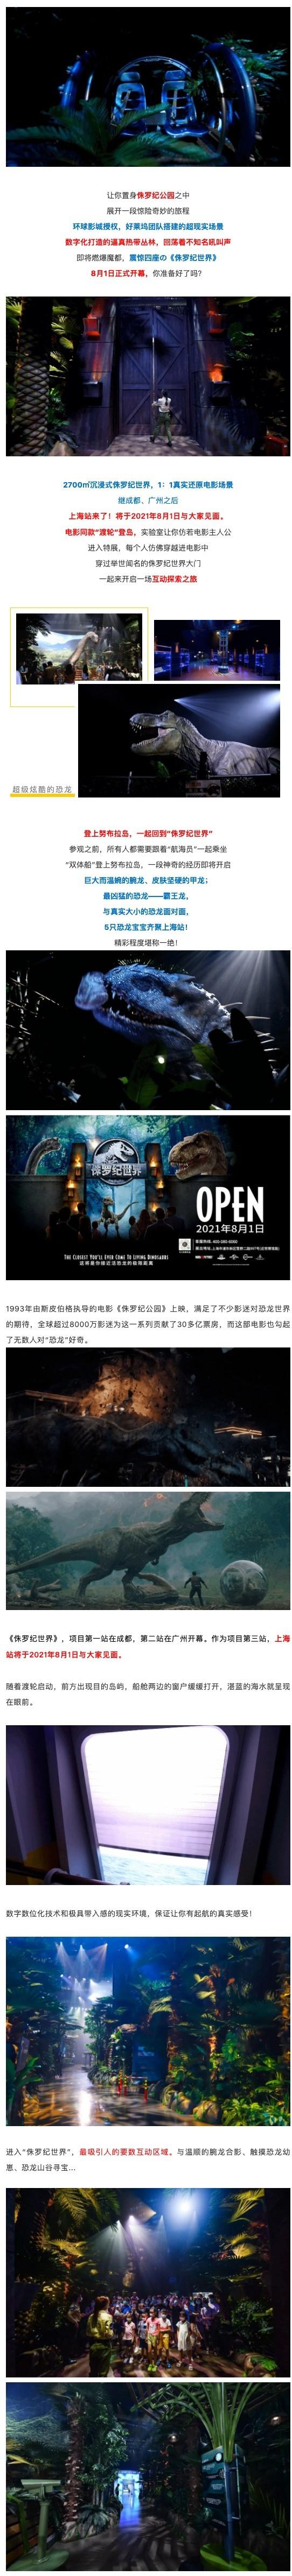 亲子游!上海首展2700㎡超大沉浸式《侏罗纪世界》早鸟门票